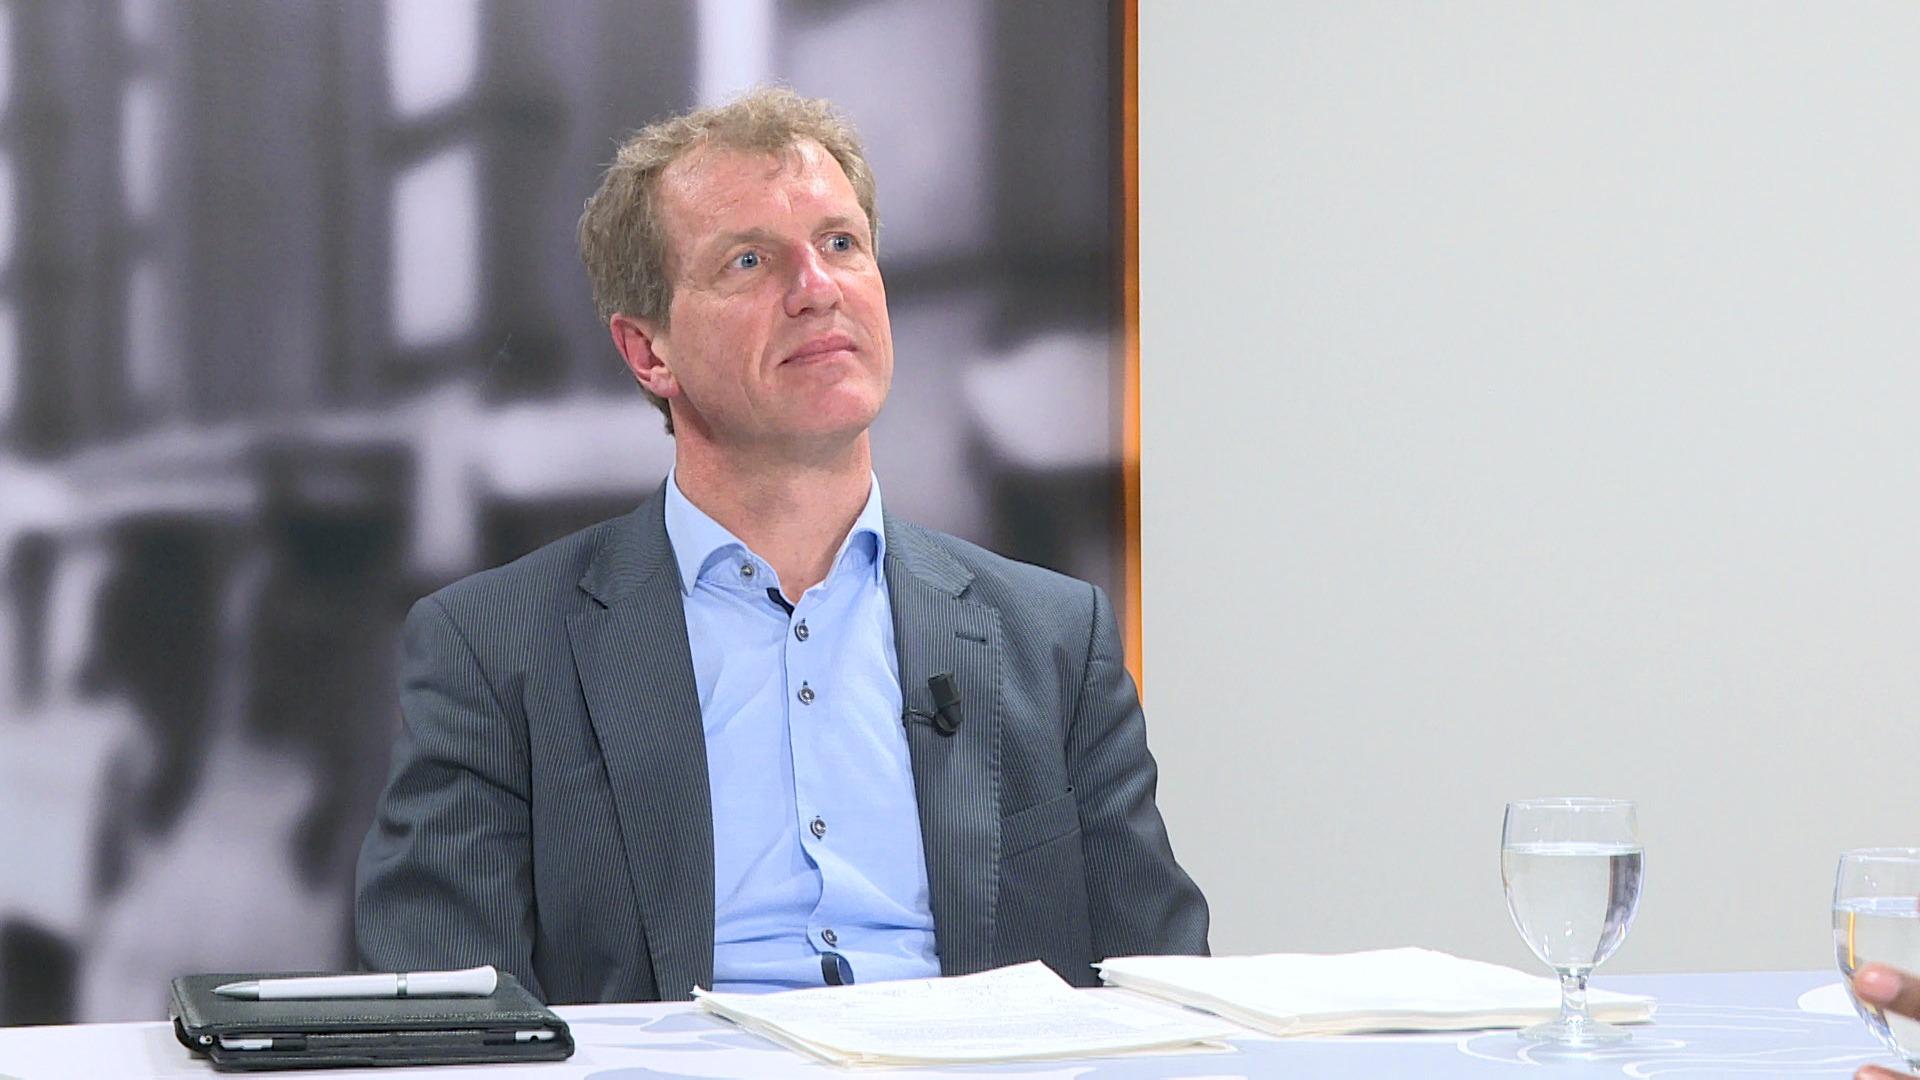 Studio Commissie: Jan Bertels over chemseks